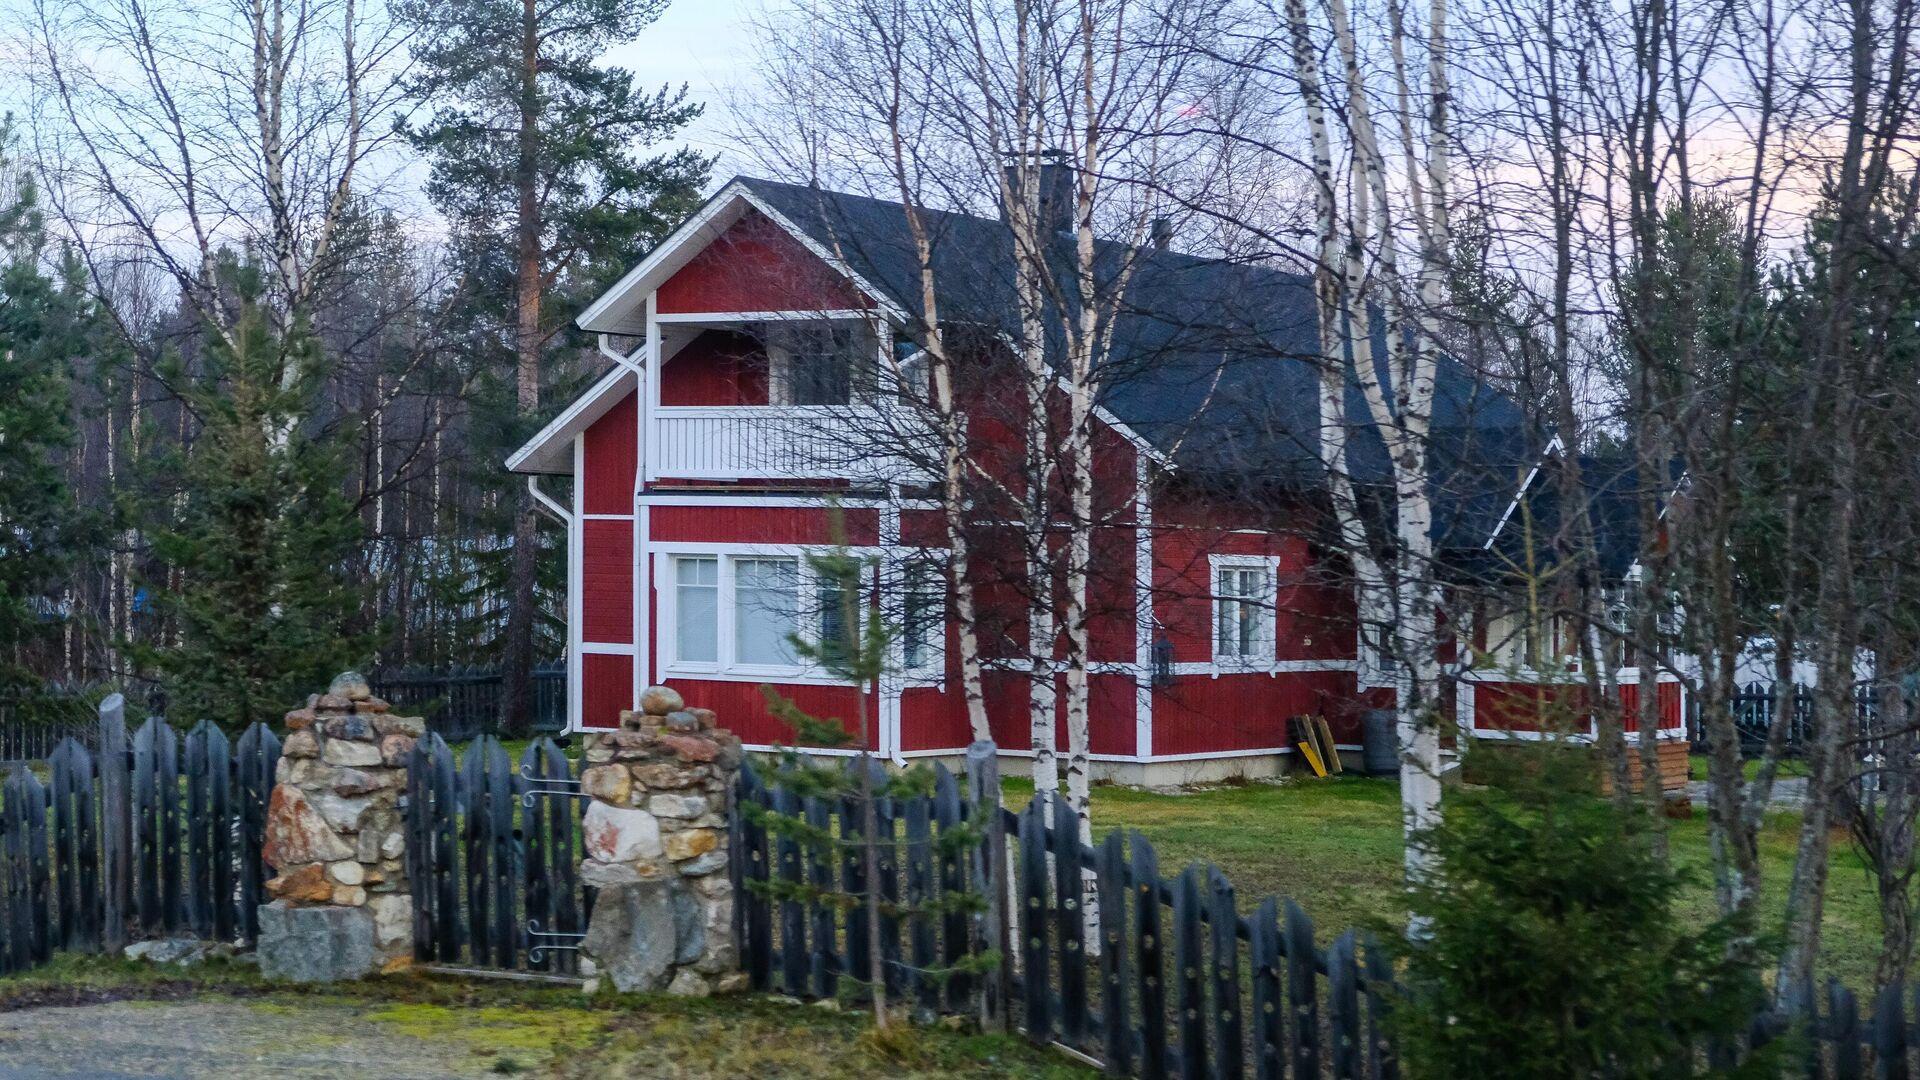 Жилой дом в посёлке Ивало в общине Инари провинции Лаппи в Финляндии - РИА Новости, 1920, 11.03.2020